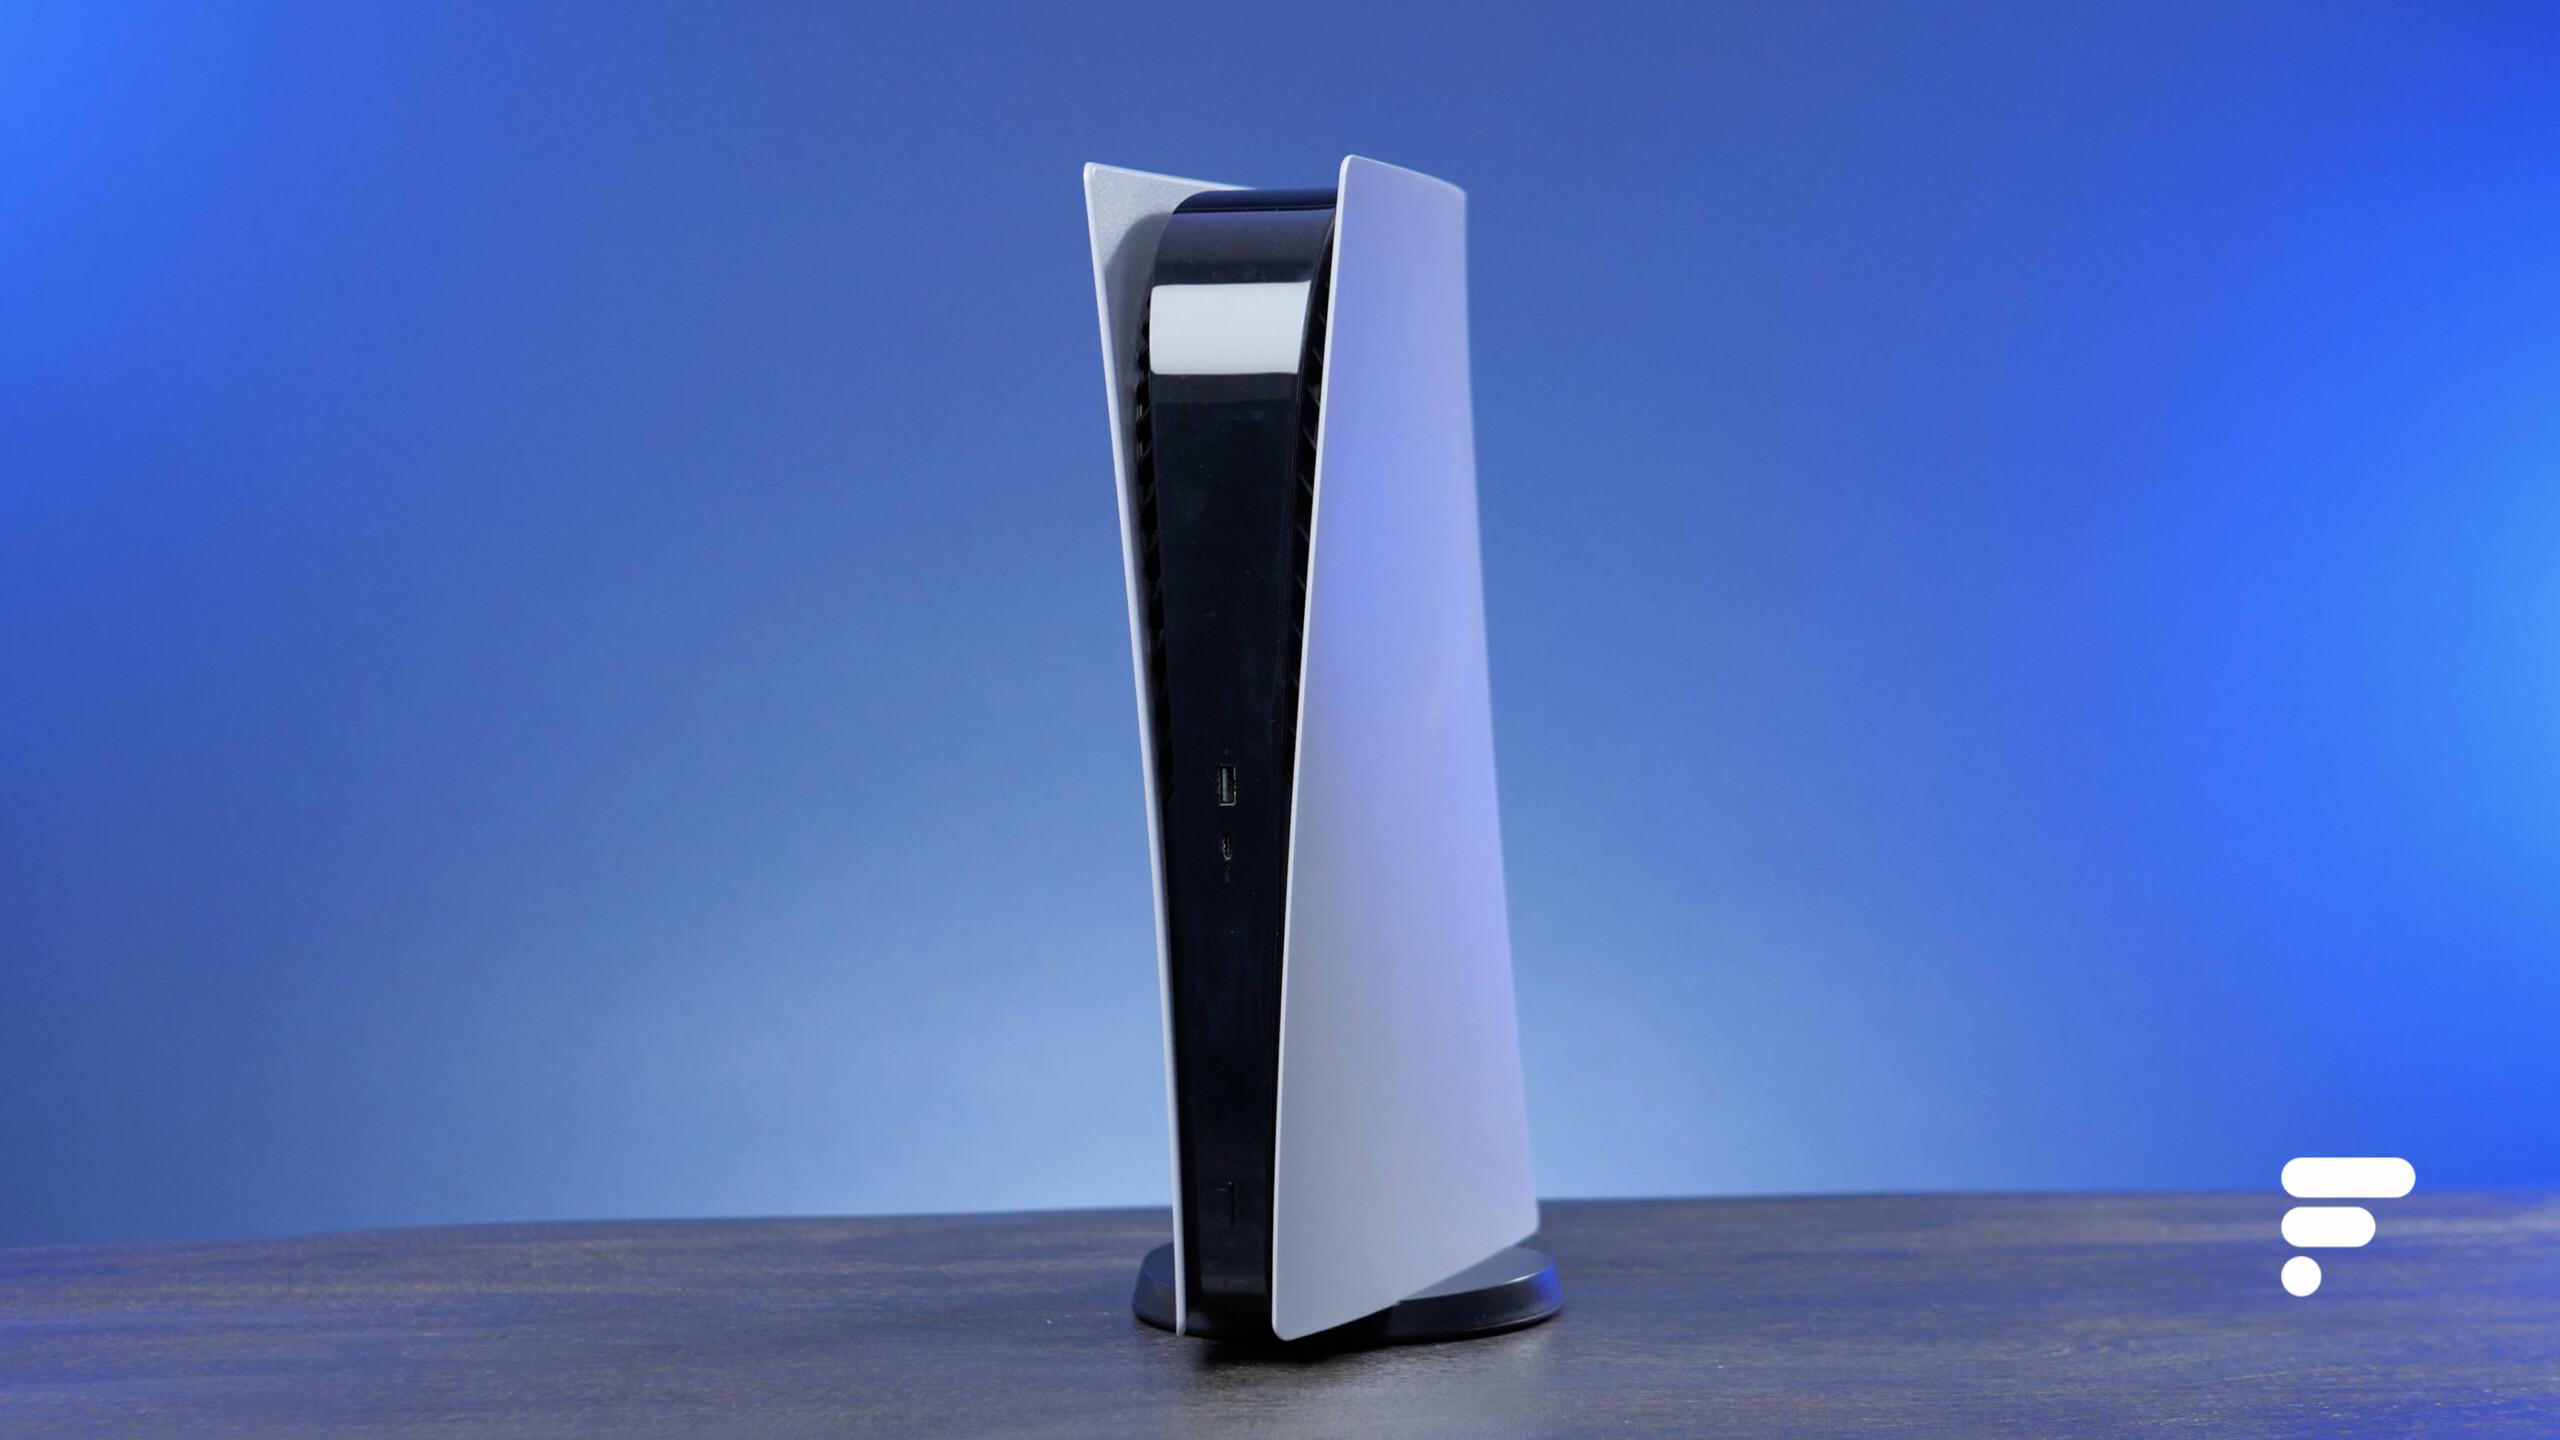 PS5 : un nouveau modèle serait prévu pour 2022, sans changement esthétique